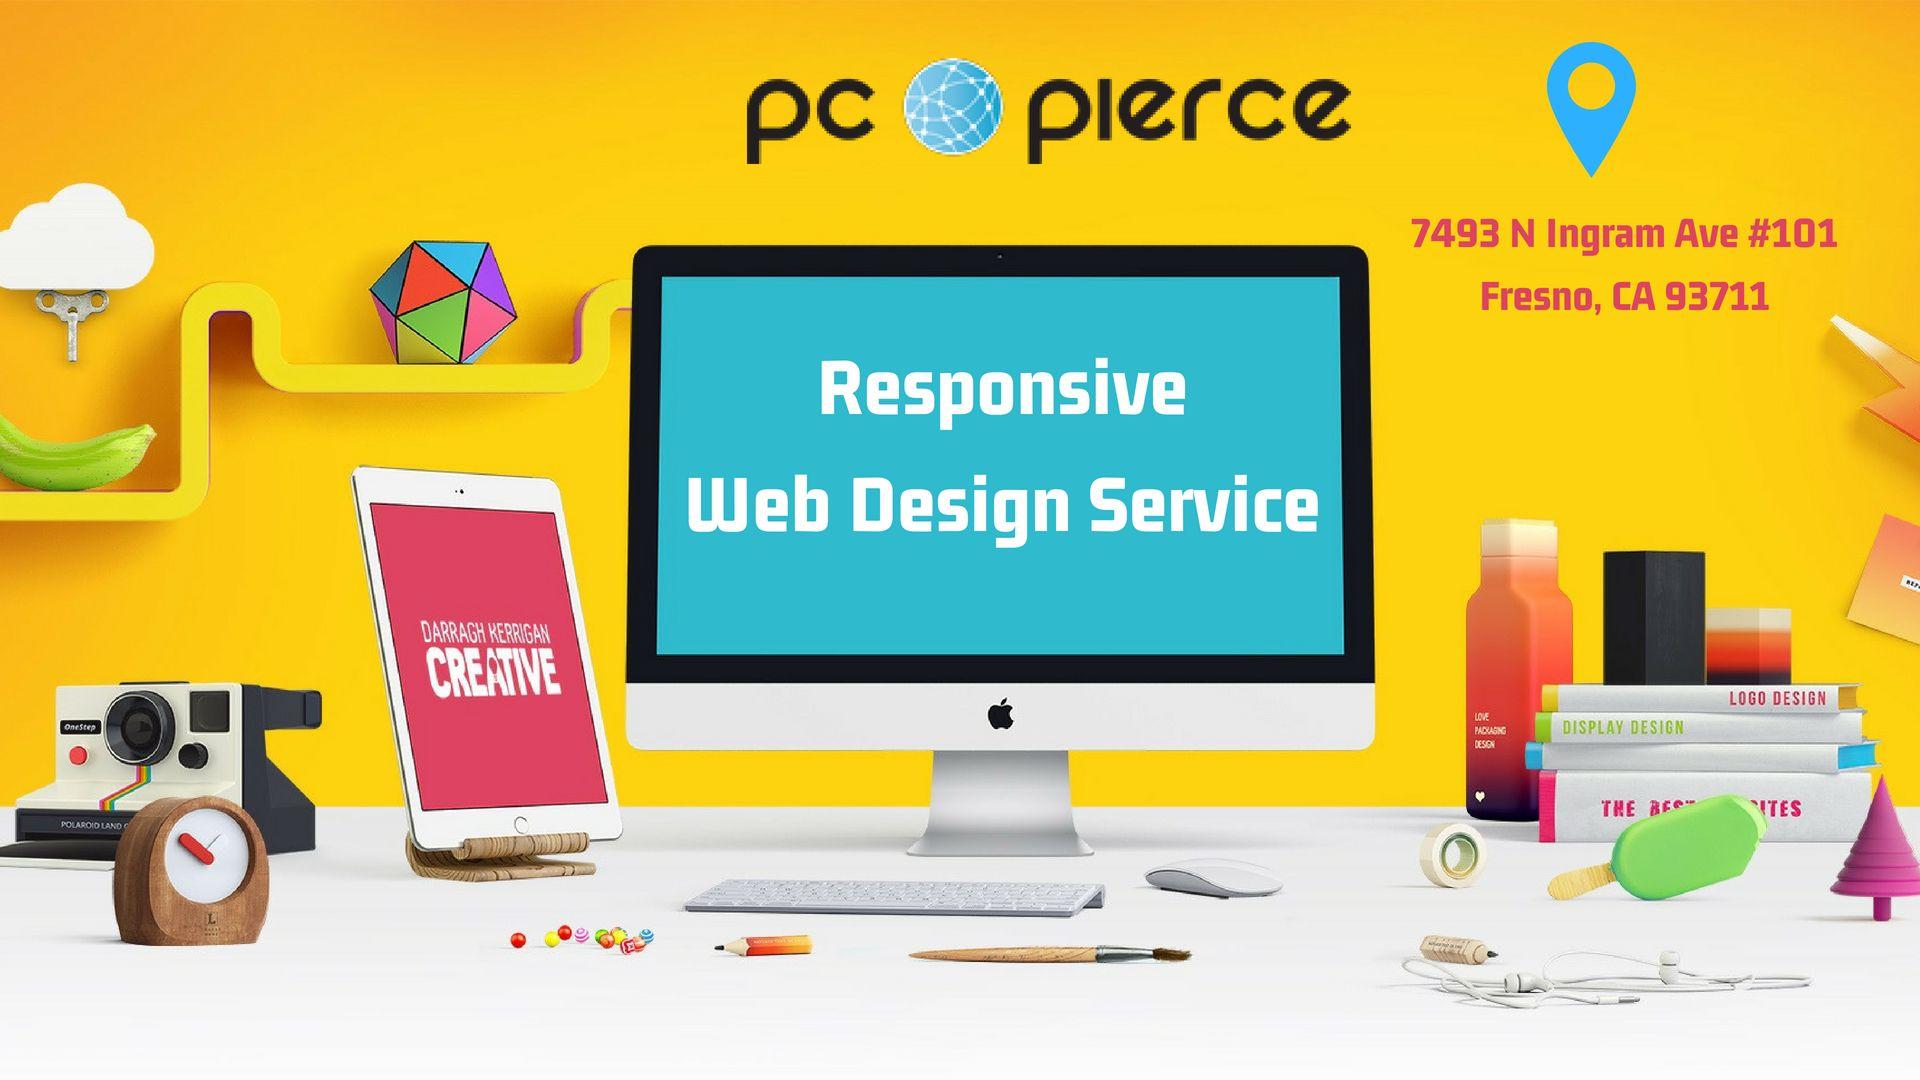 Web Design Company Fresno Custom Website Design Pcpierce Com Web Design Services Custom Website Web Design